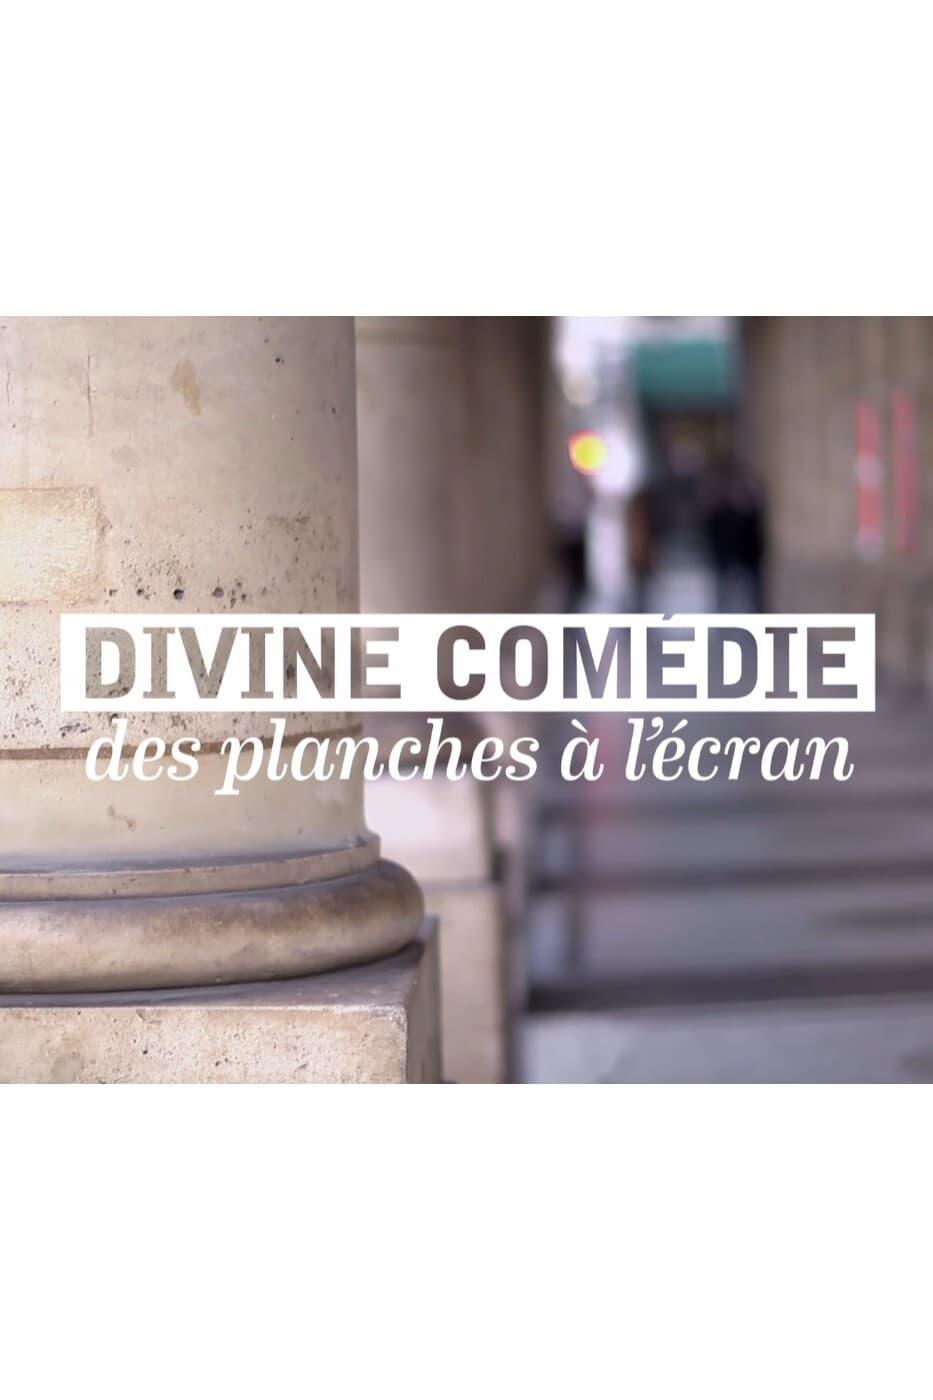 Divine Comédie, des planches à l'écran